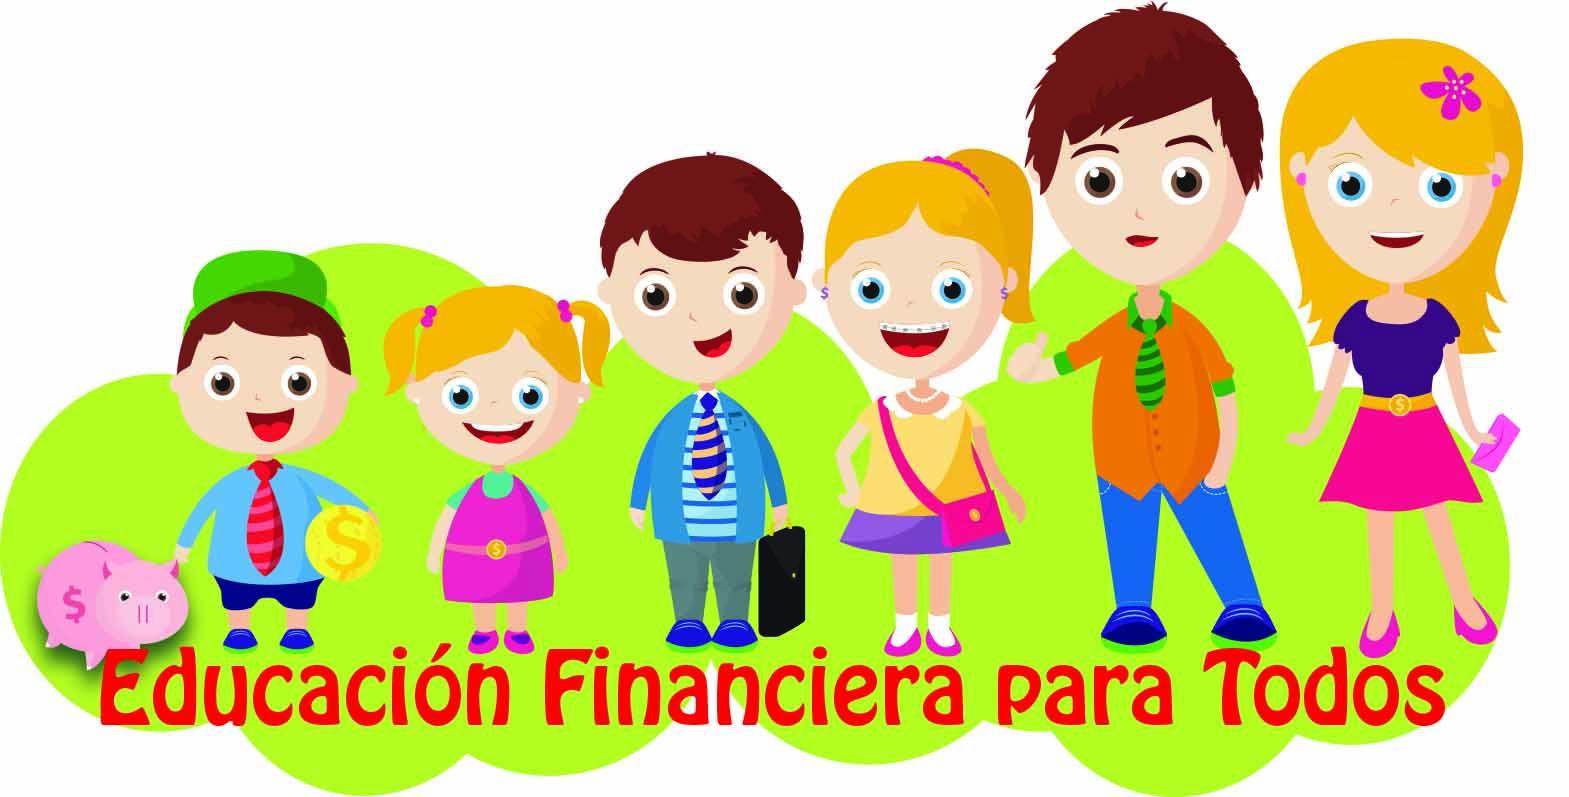 Logo_EduFina para Todos